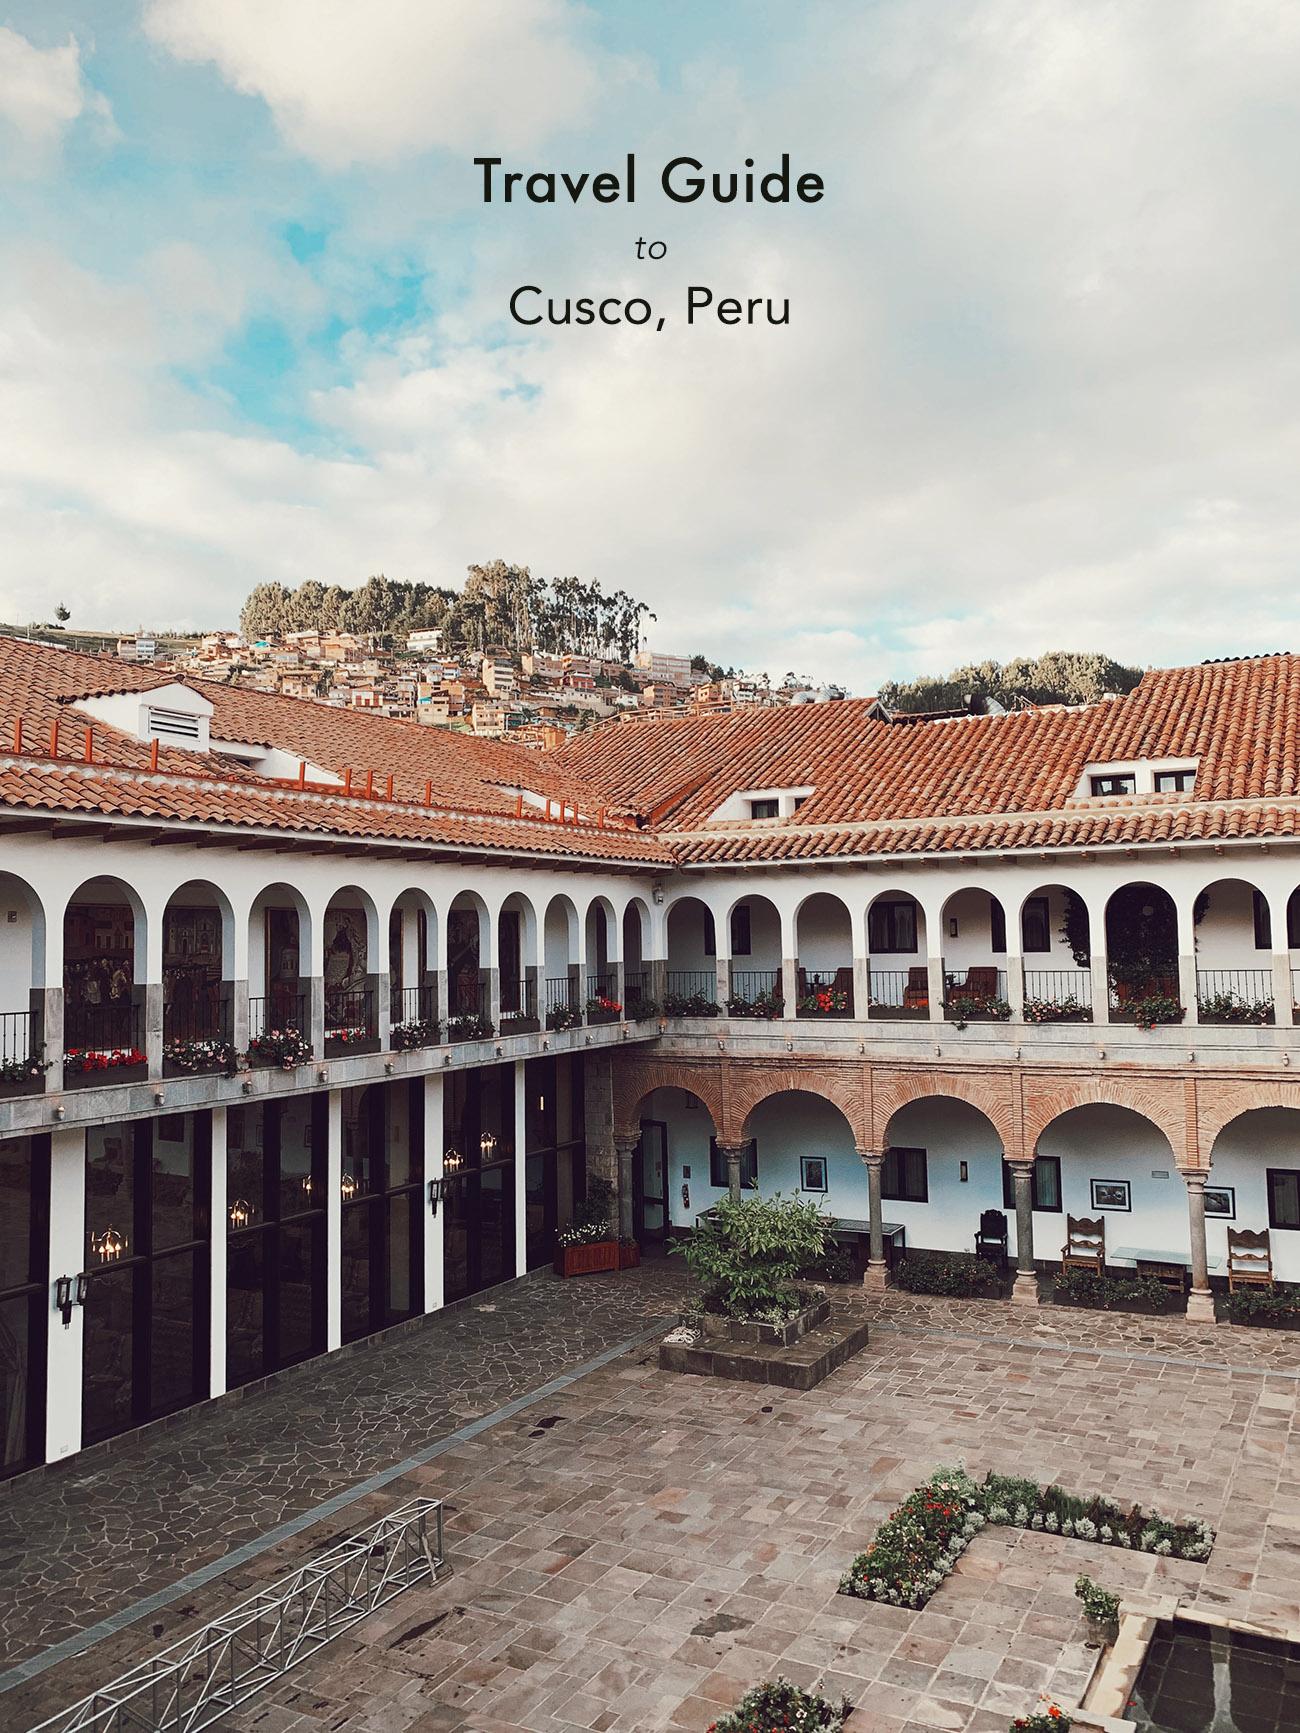 Travel Guide to Cusco Peru